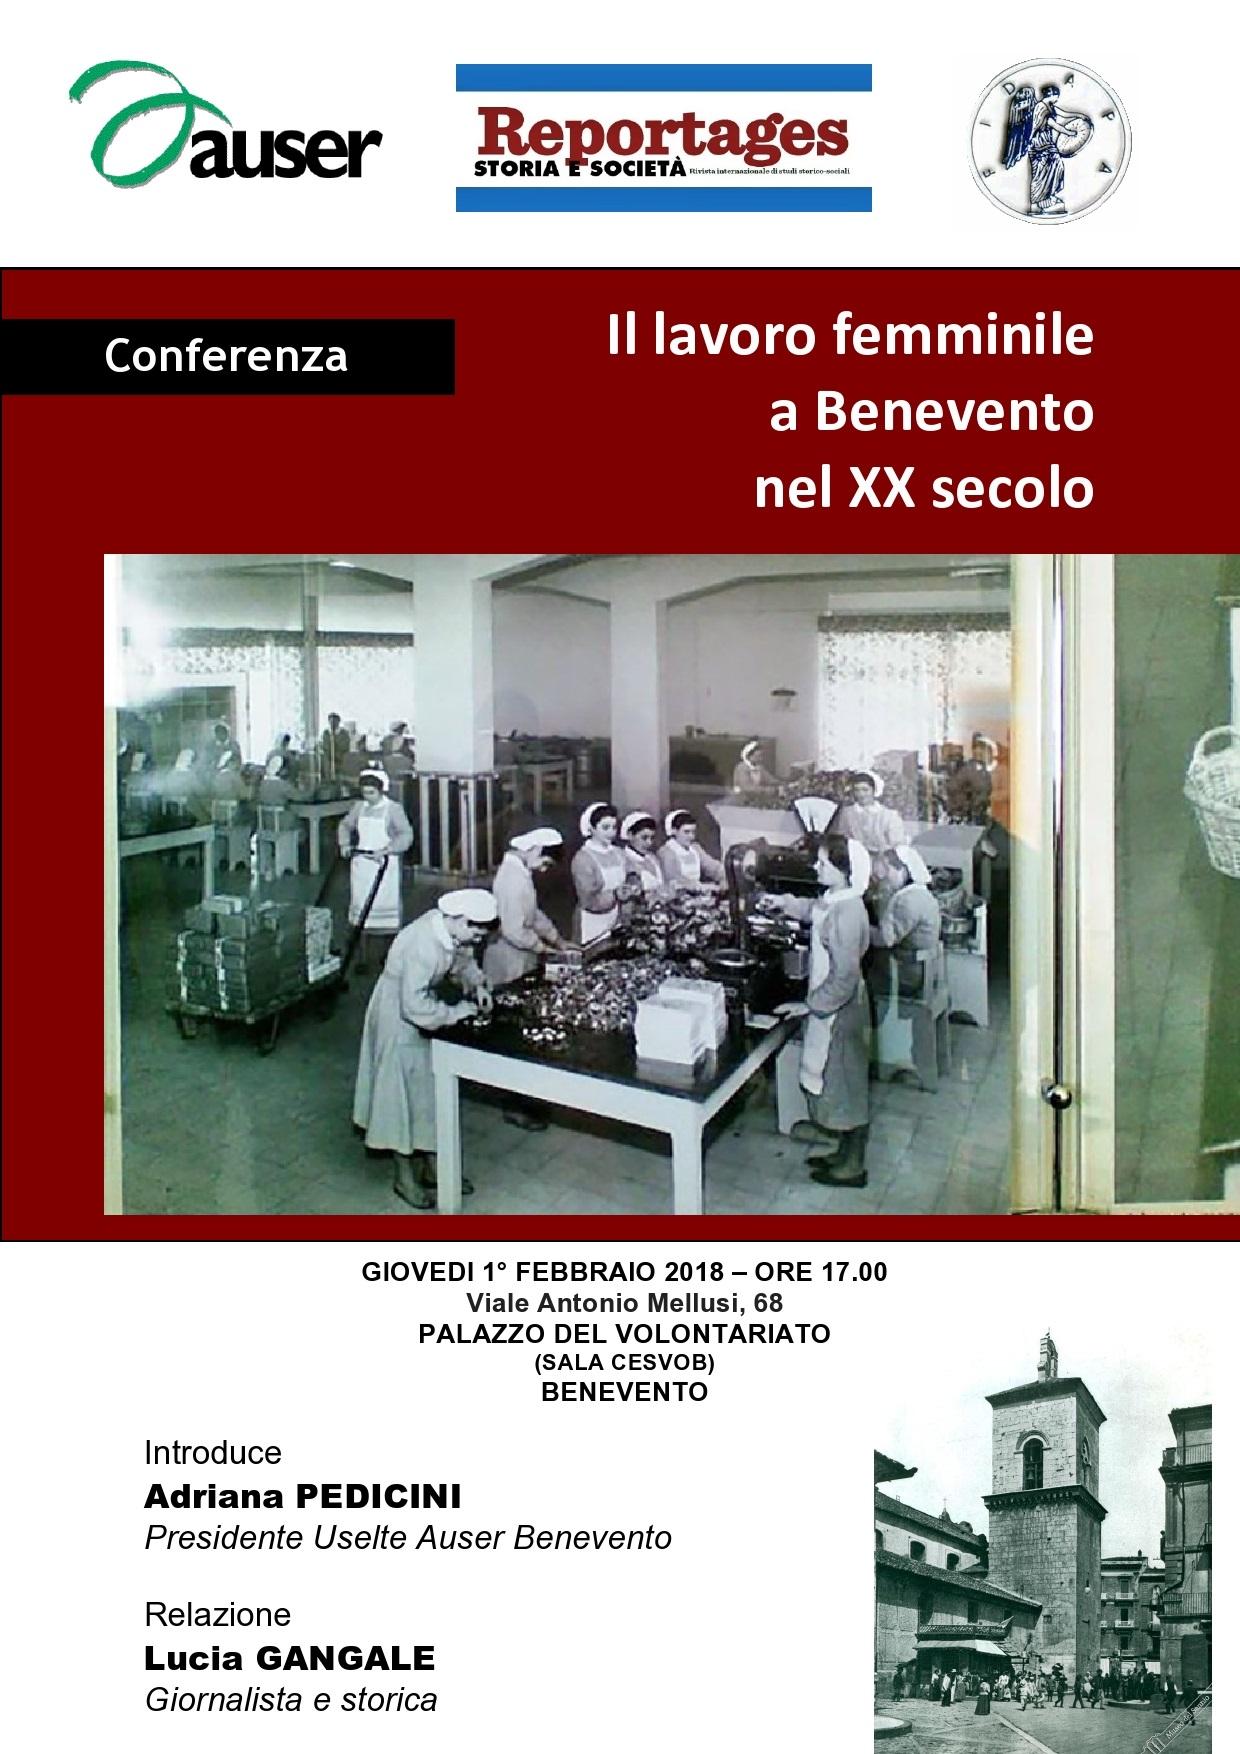 Conferenza sul tema del lavoro femminile a Benevento nel XX secolo